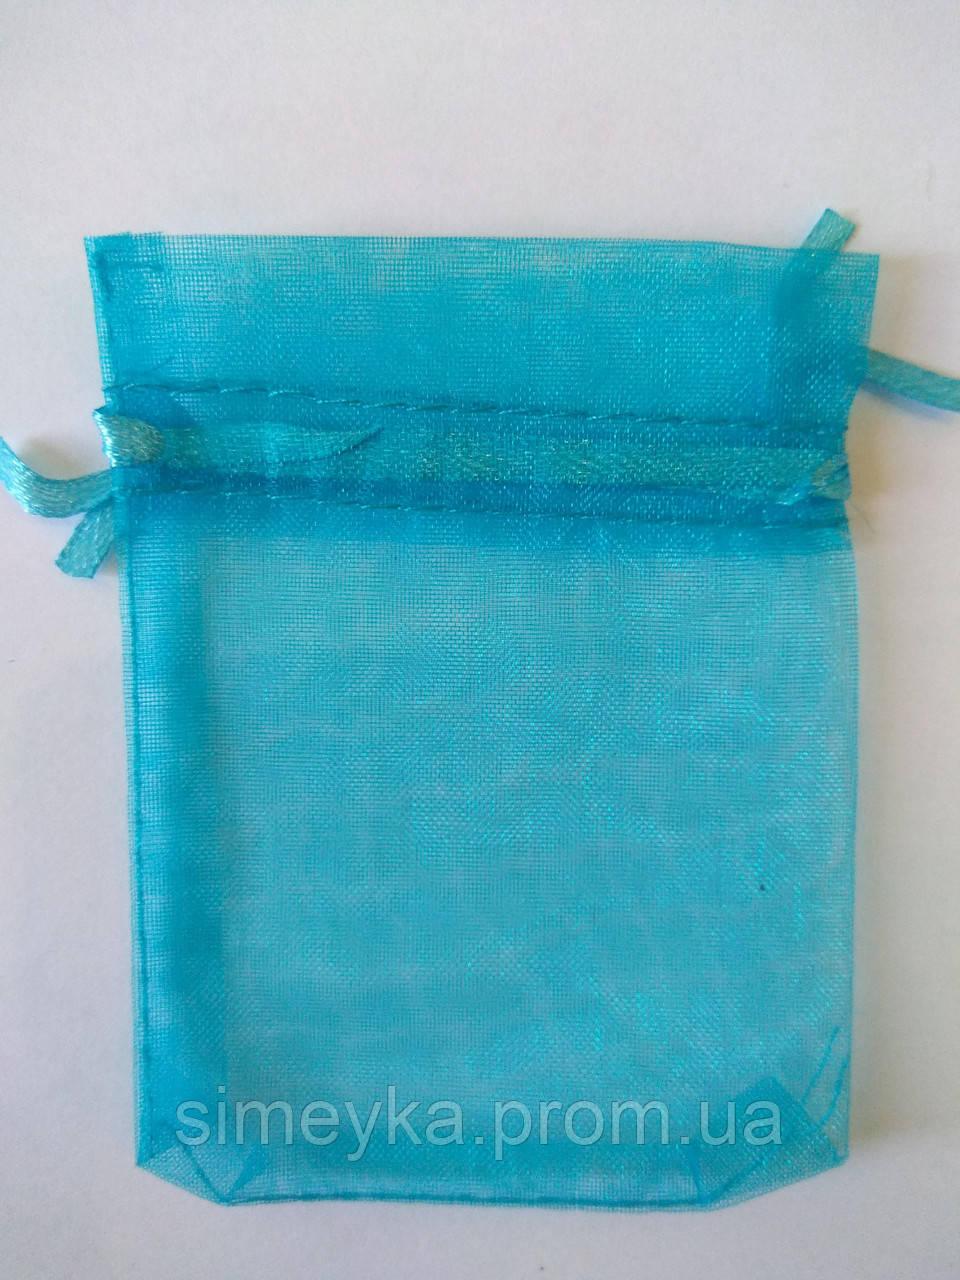 Мішечок з органзи, 7*9 см. Яскраво-блакитний (насичений колір)